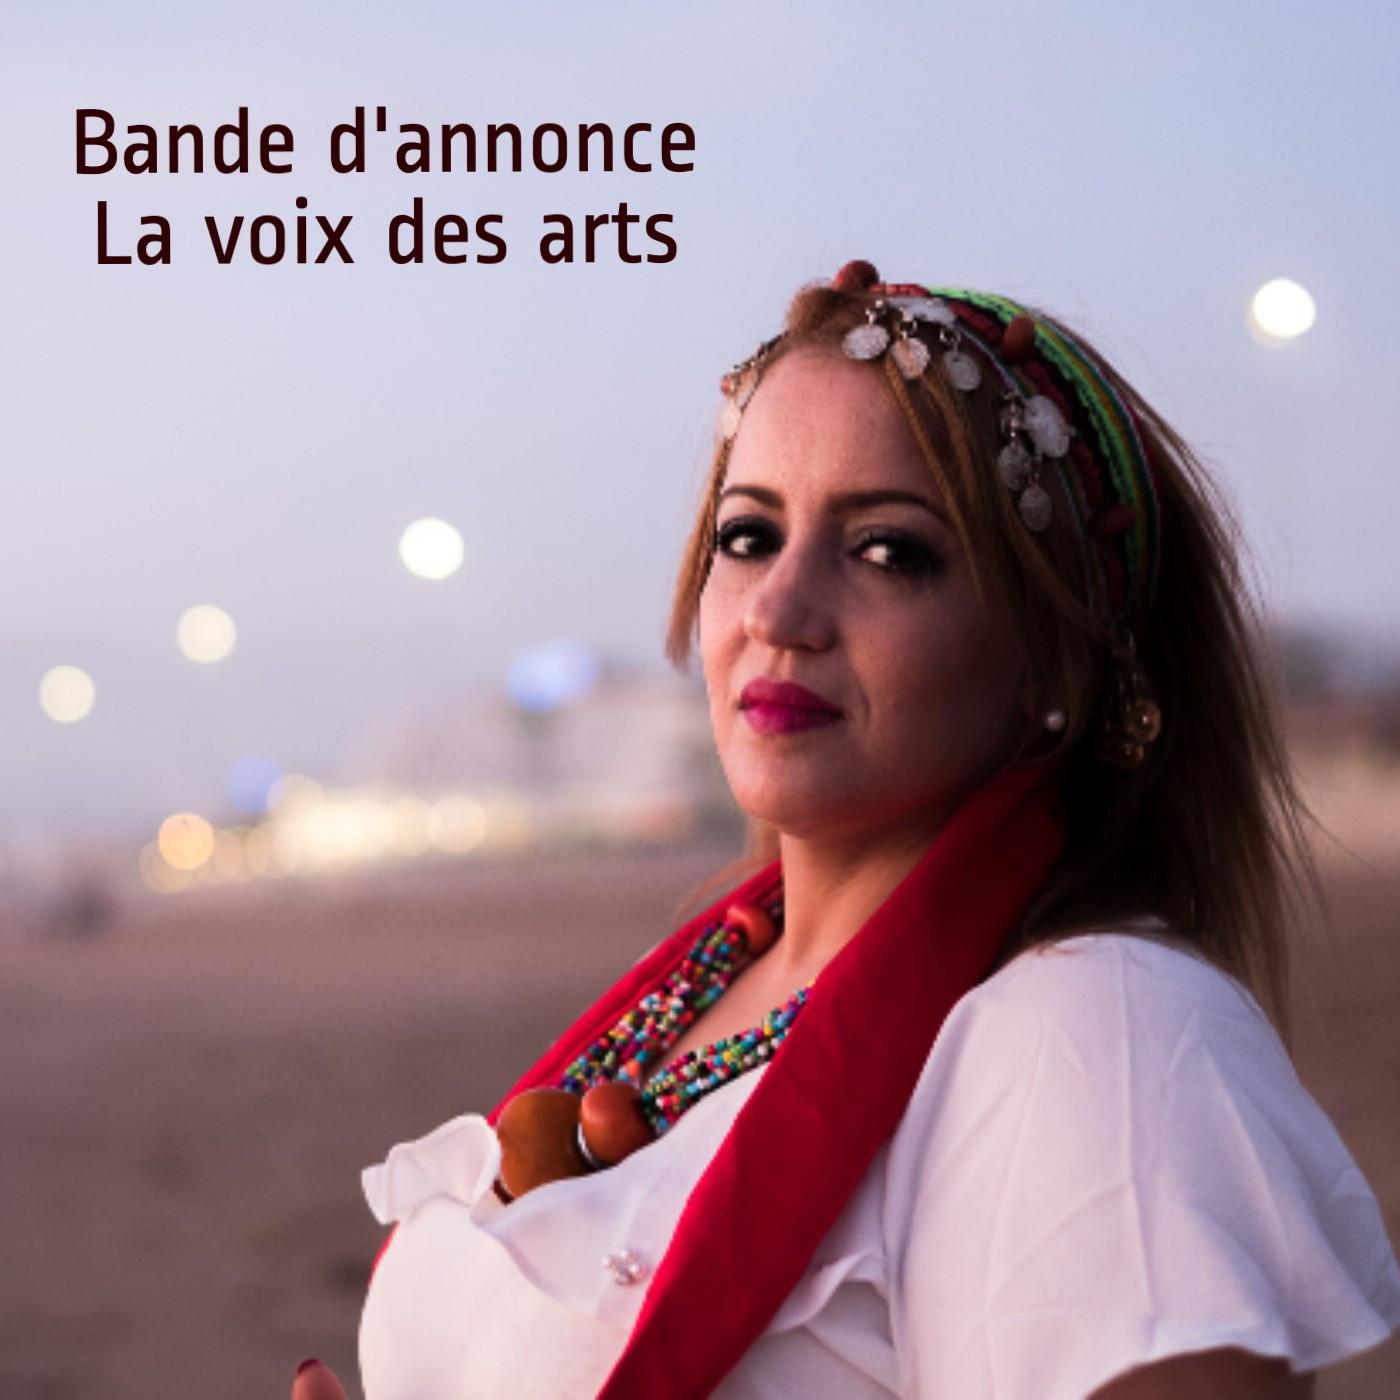 La voix des arts